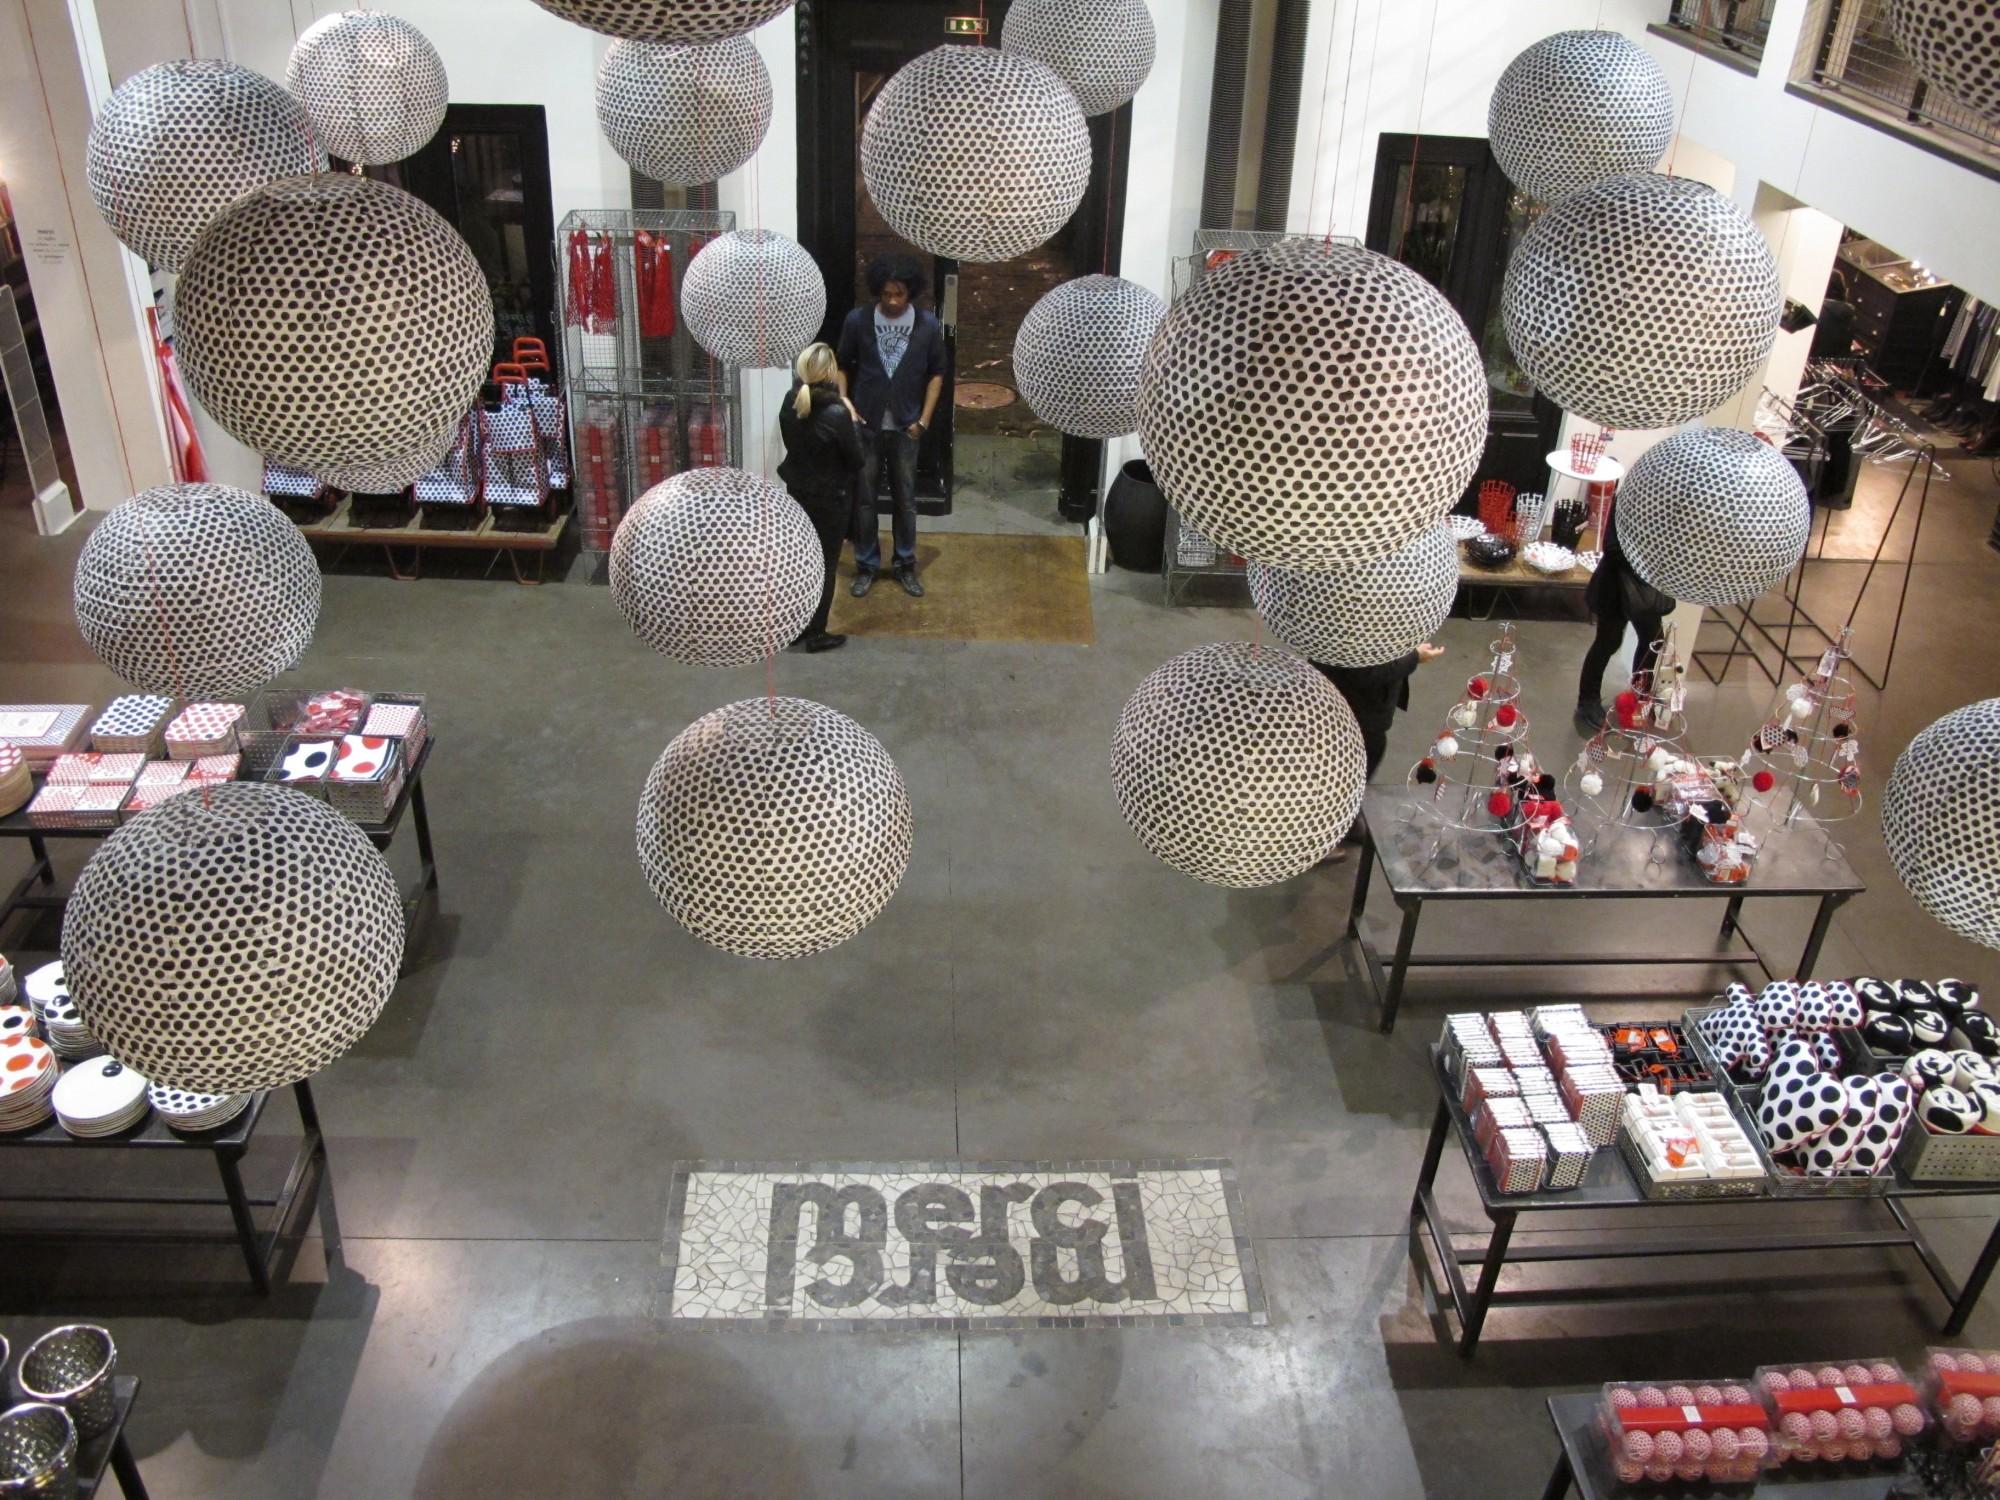 paola navone pour monoprix s 39 expose chez merci concept. Black Bedroom Furniture Sets. Home Design Ideas